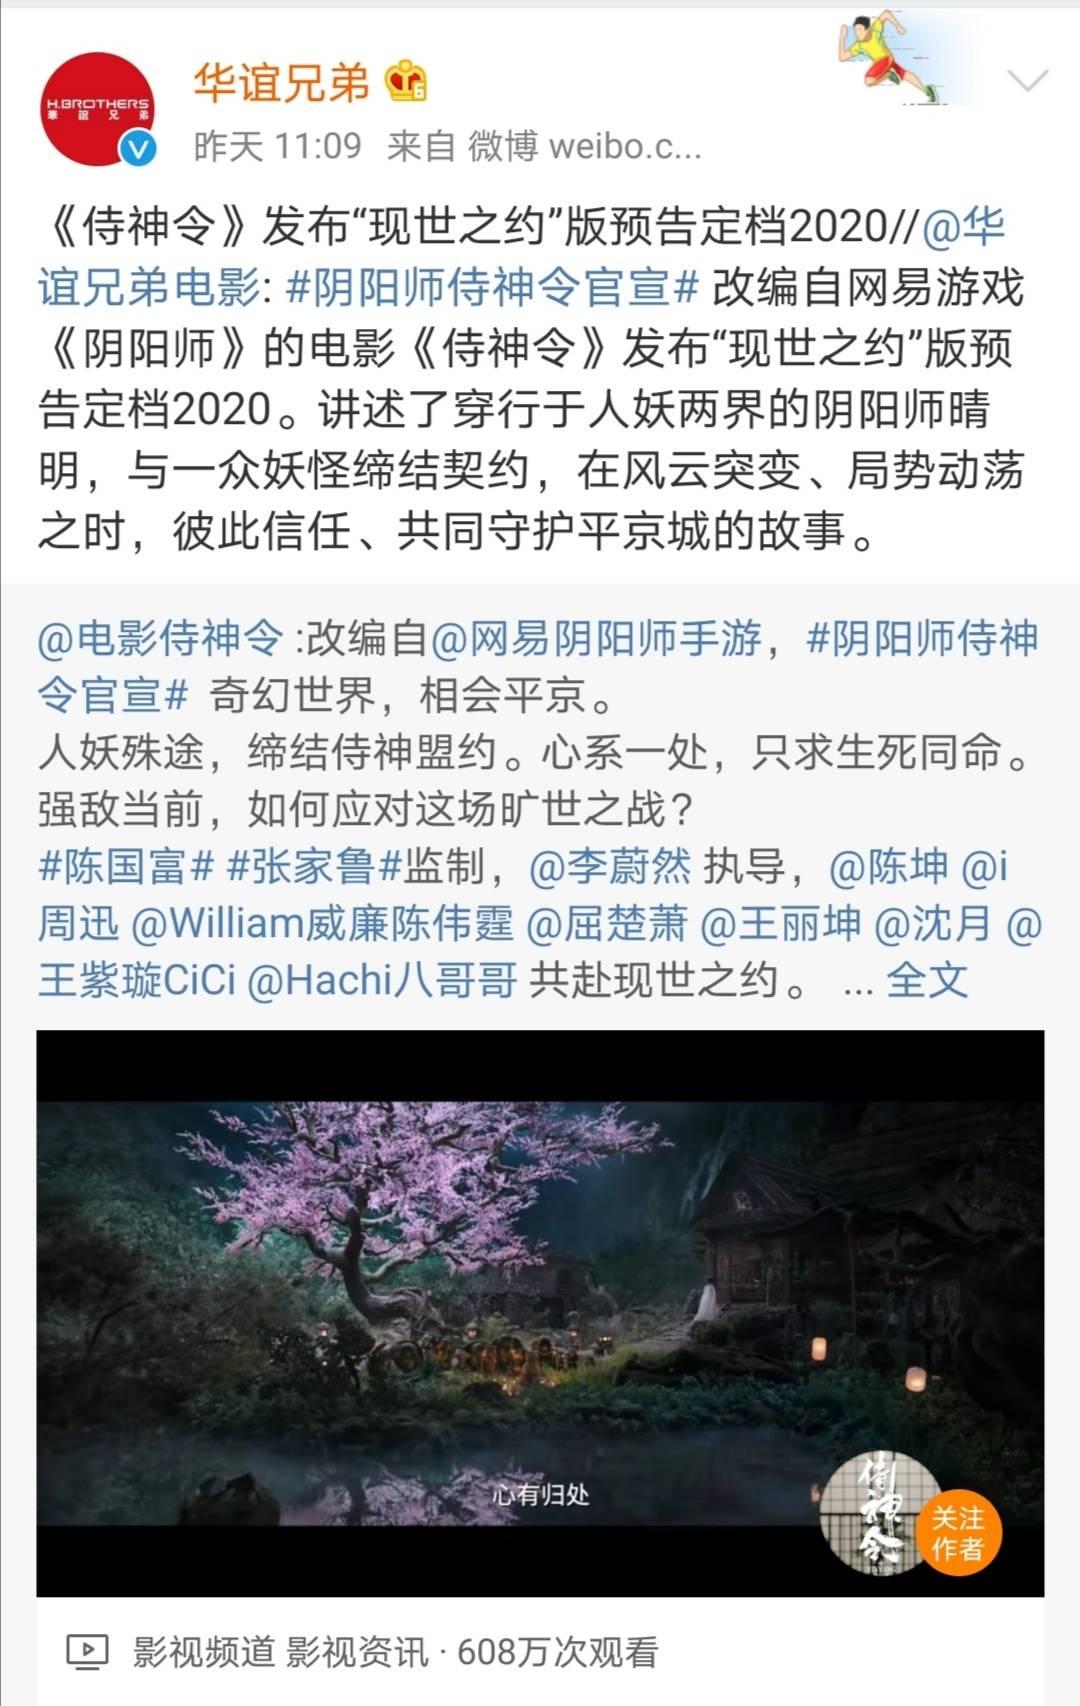 《八佰》后《侍神令》再定档,华谊兄弟市值暴涨16亿元,连亏两年能否翻身?